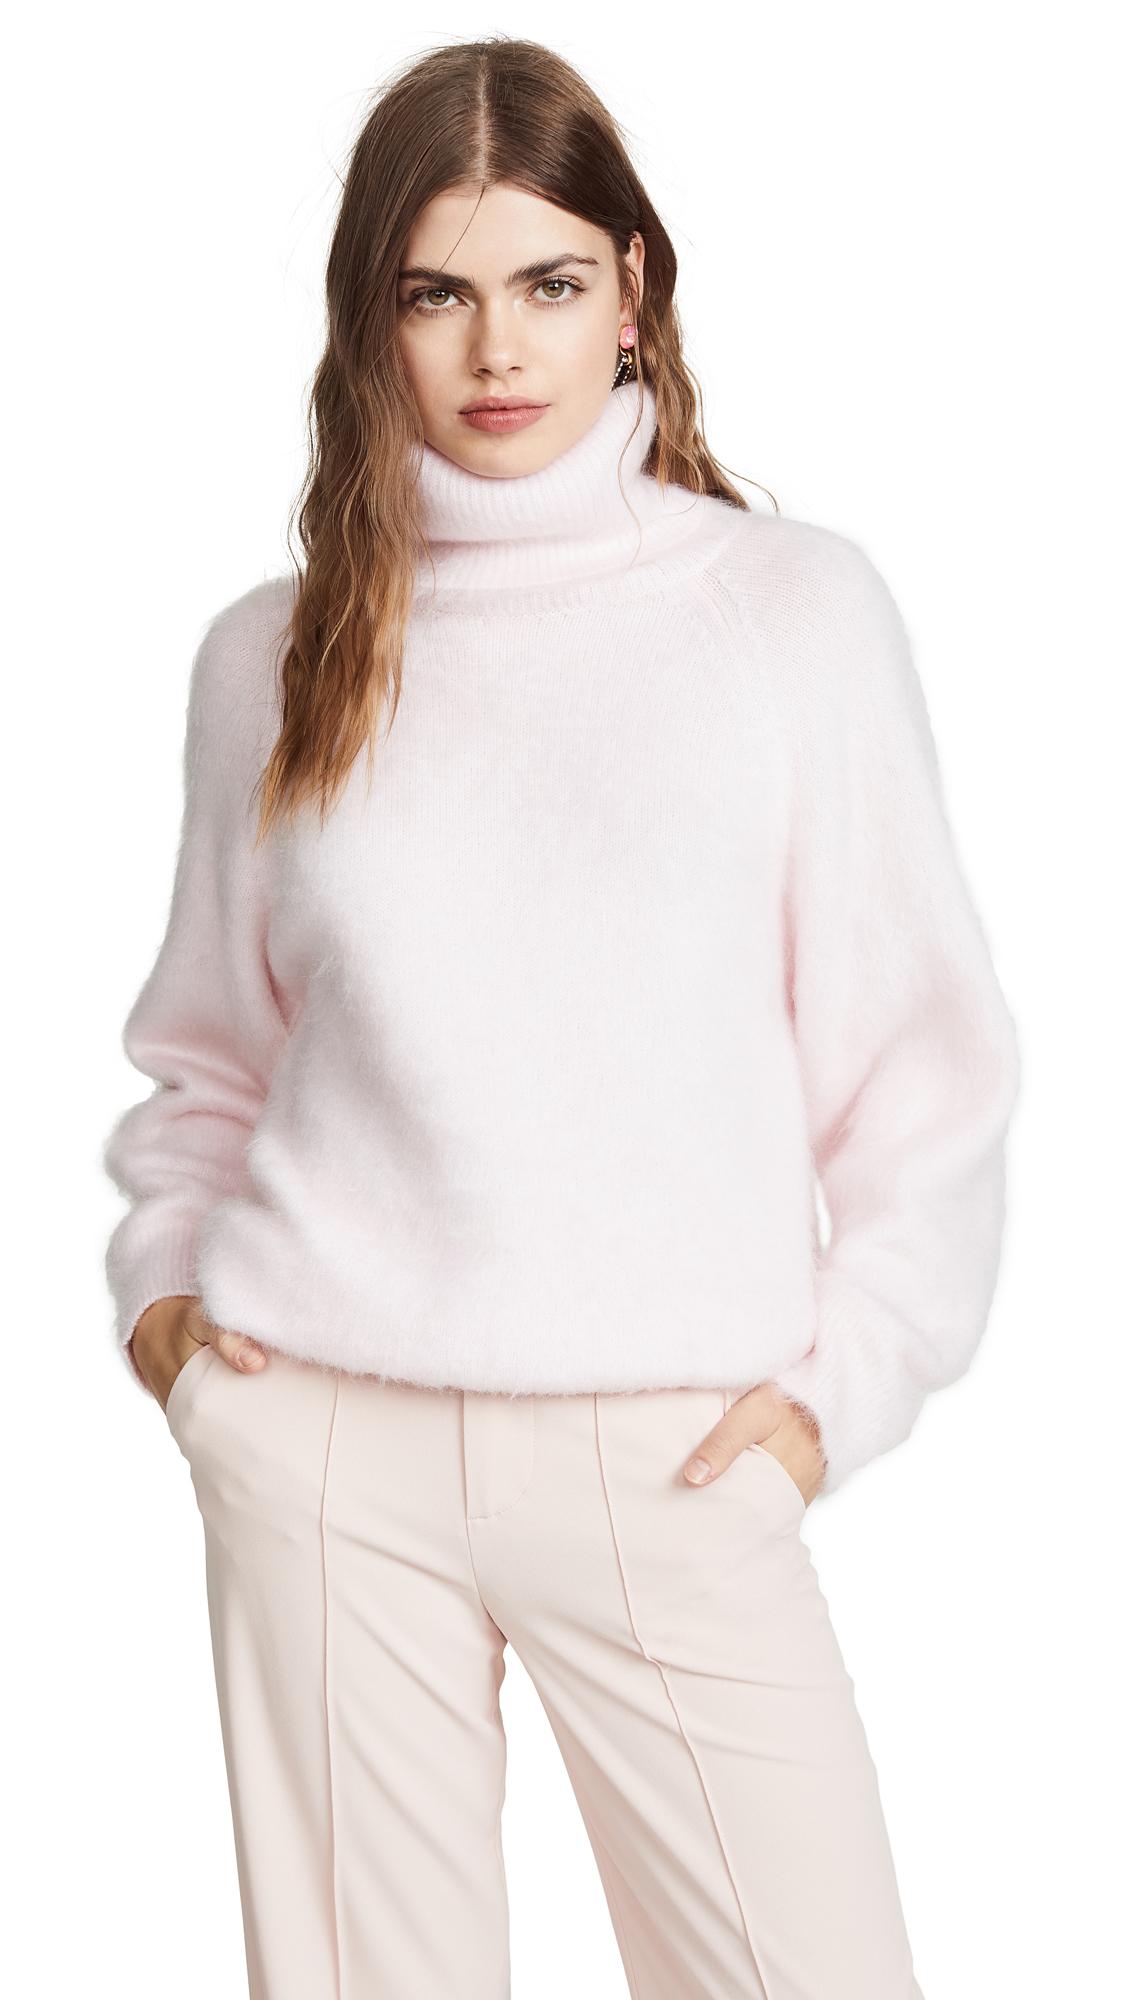 Nina Ricci Mohair Turtleneck Sweater - Pink